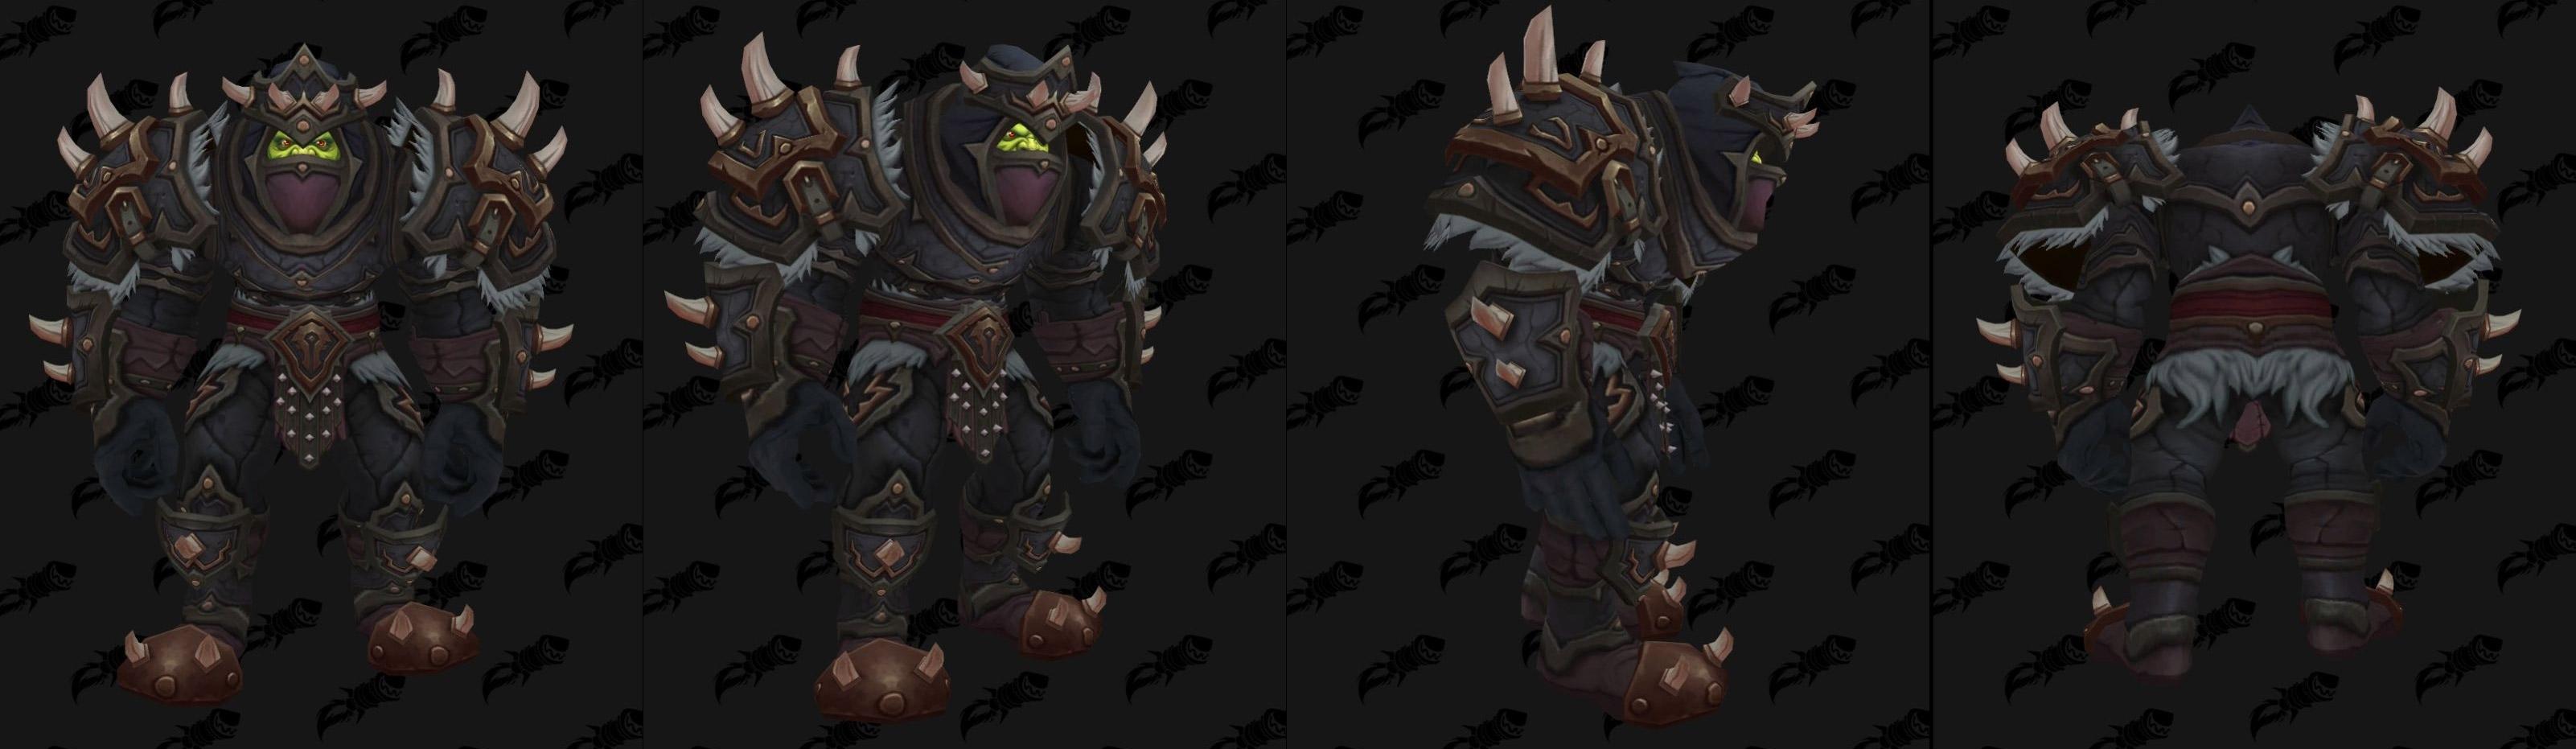 Armures cuir (Horde) - Fronts de guerre Tier 3 - Coloris 3